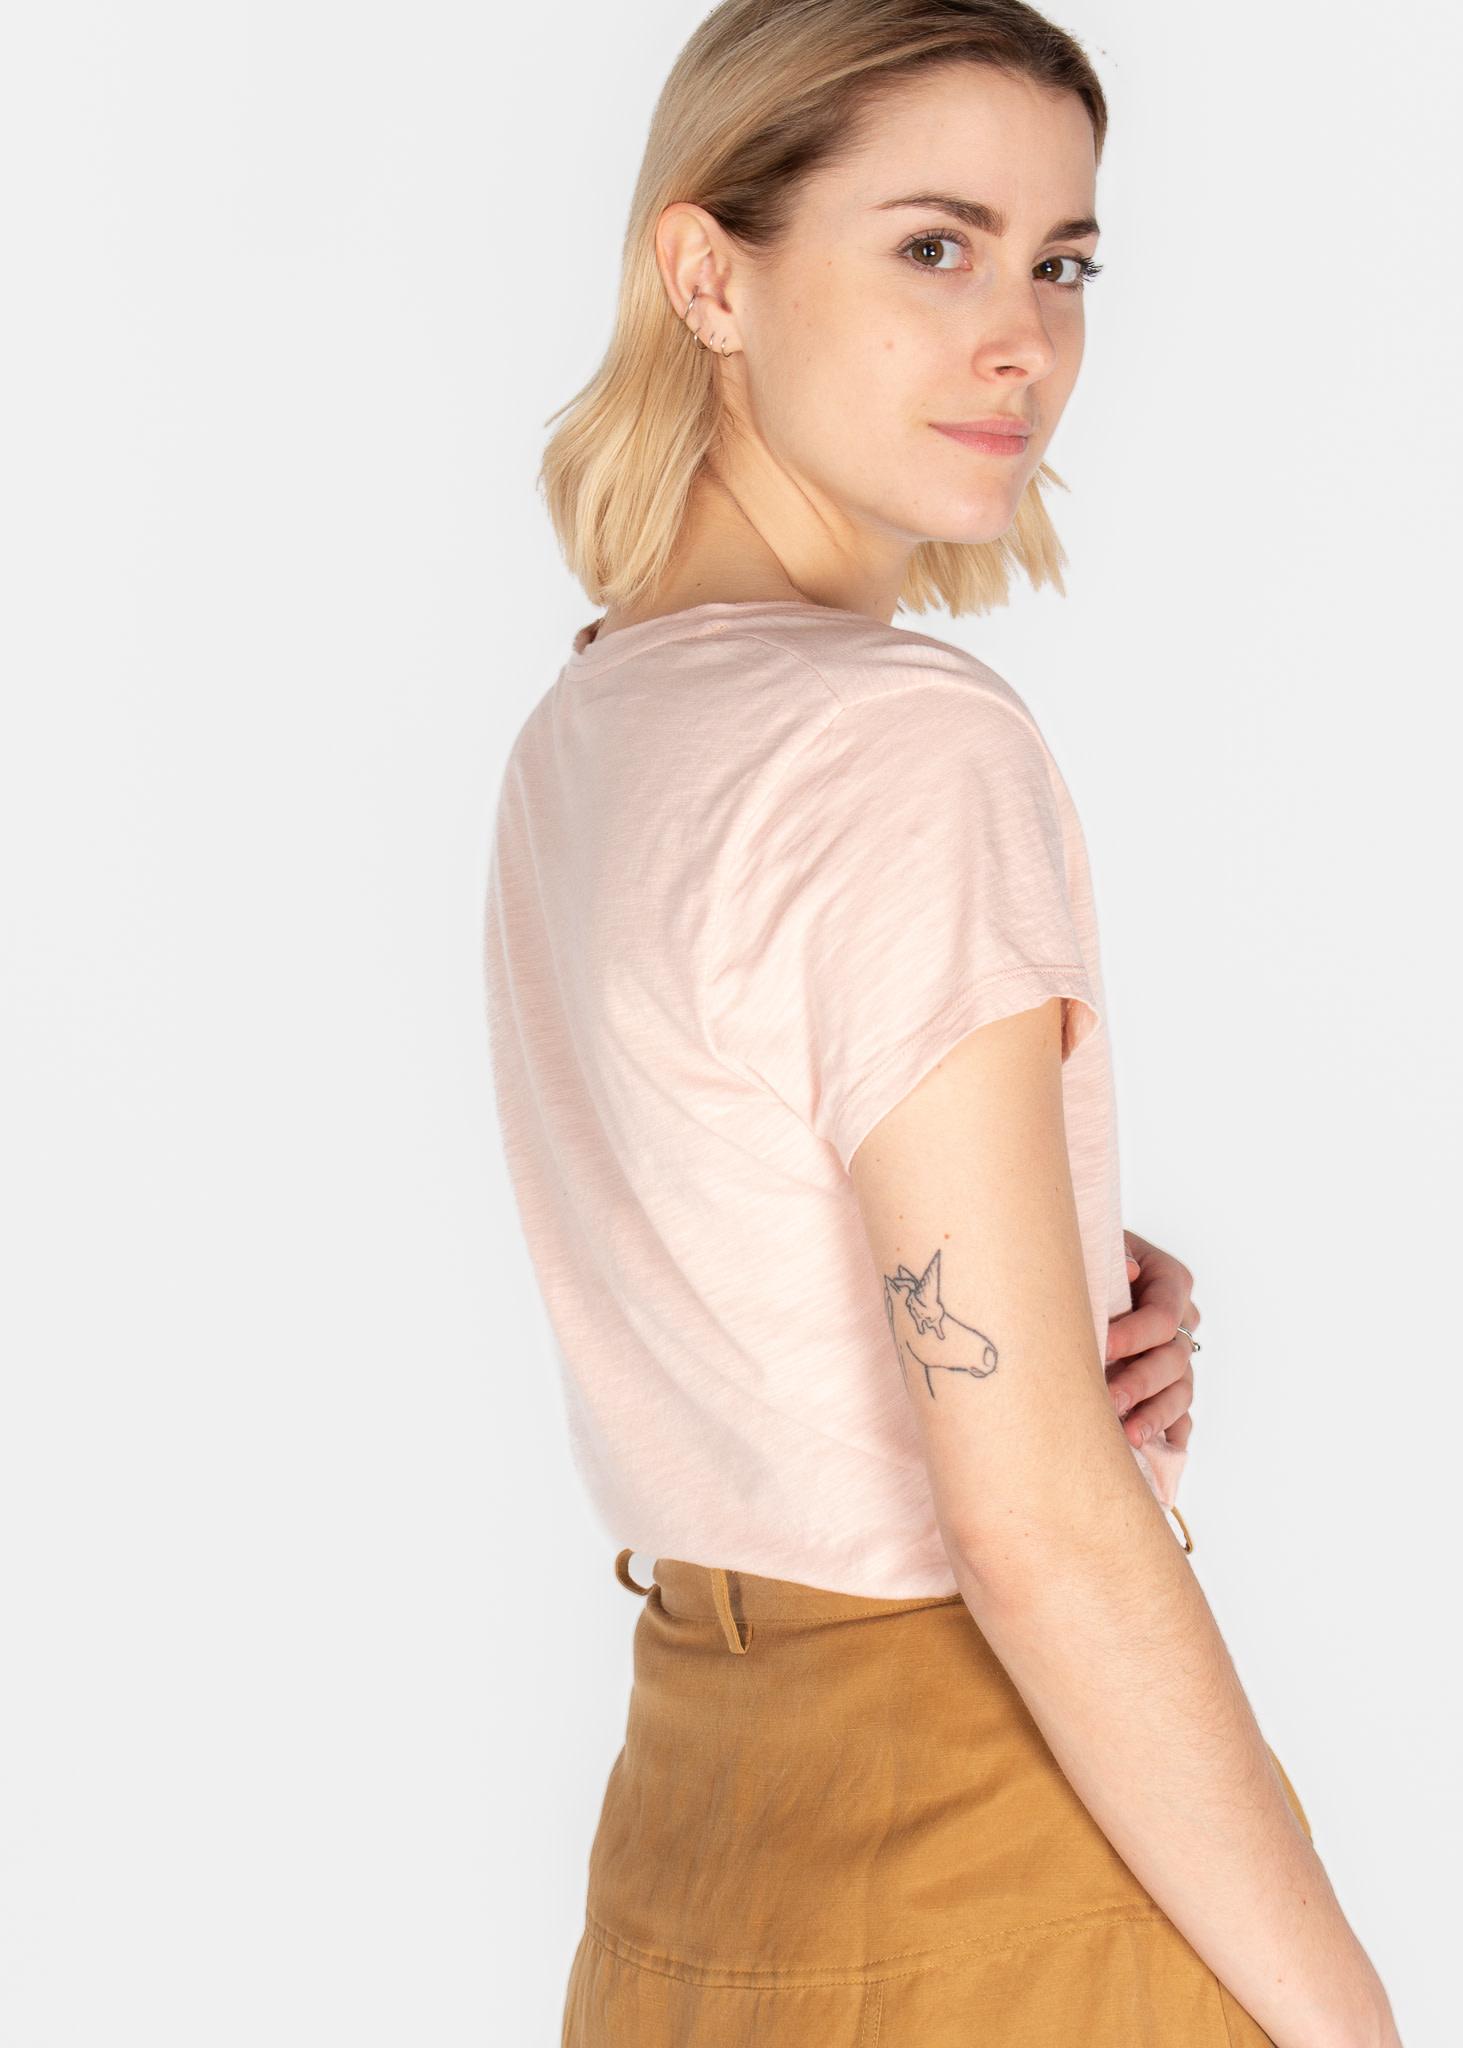 T Shirt Shirt Shirt Femme T Jacksonville Jacksonville T Jacksonville T Femme Femme E29IWHYeD